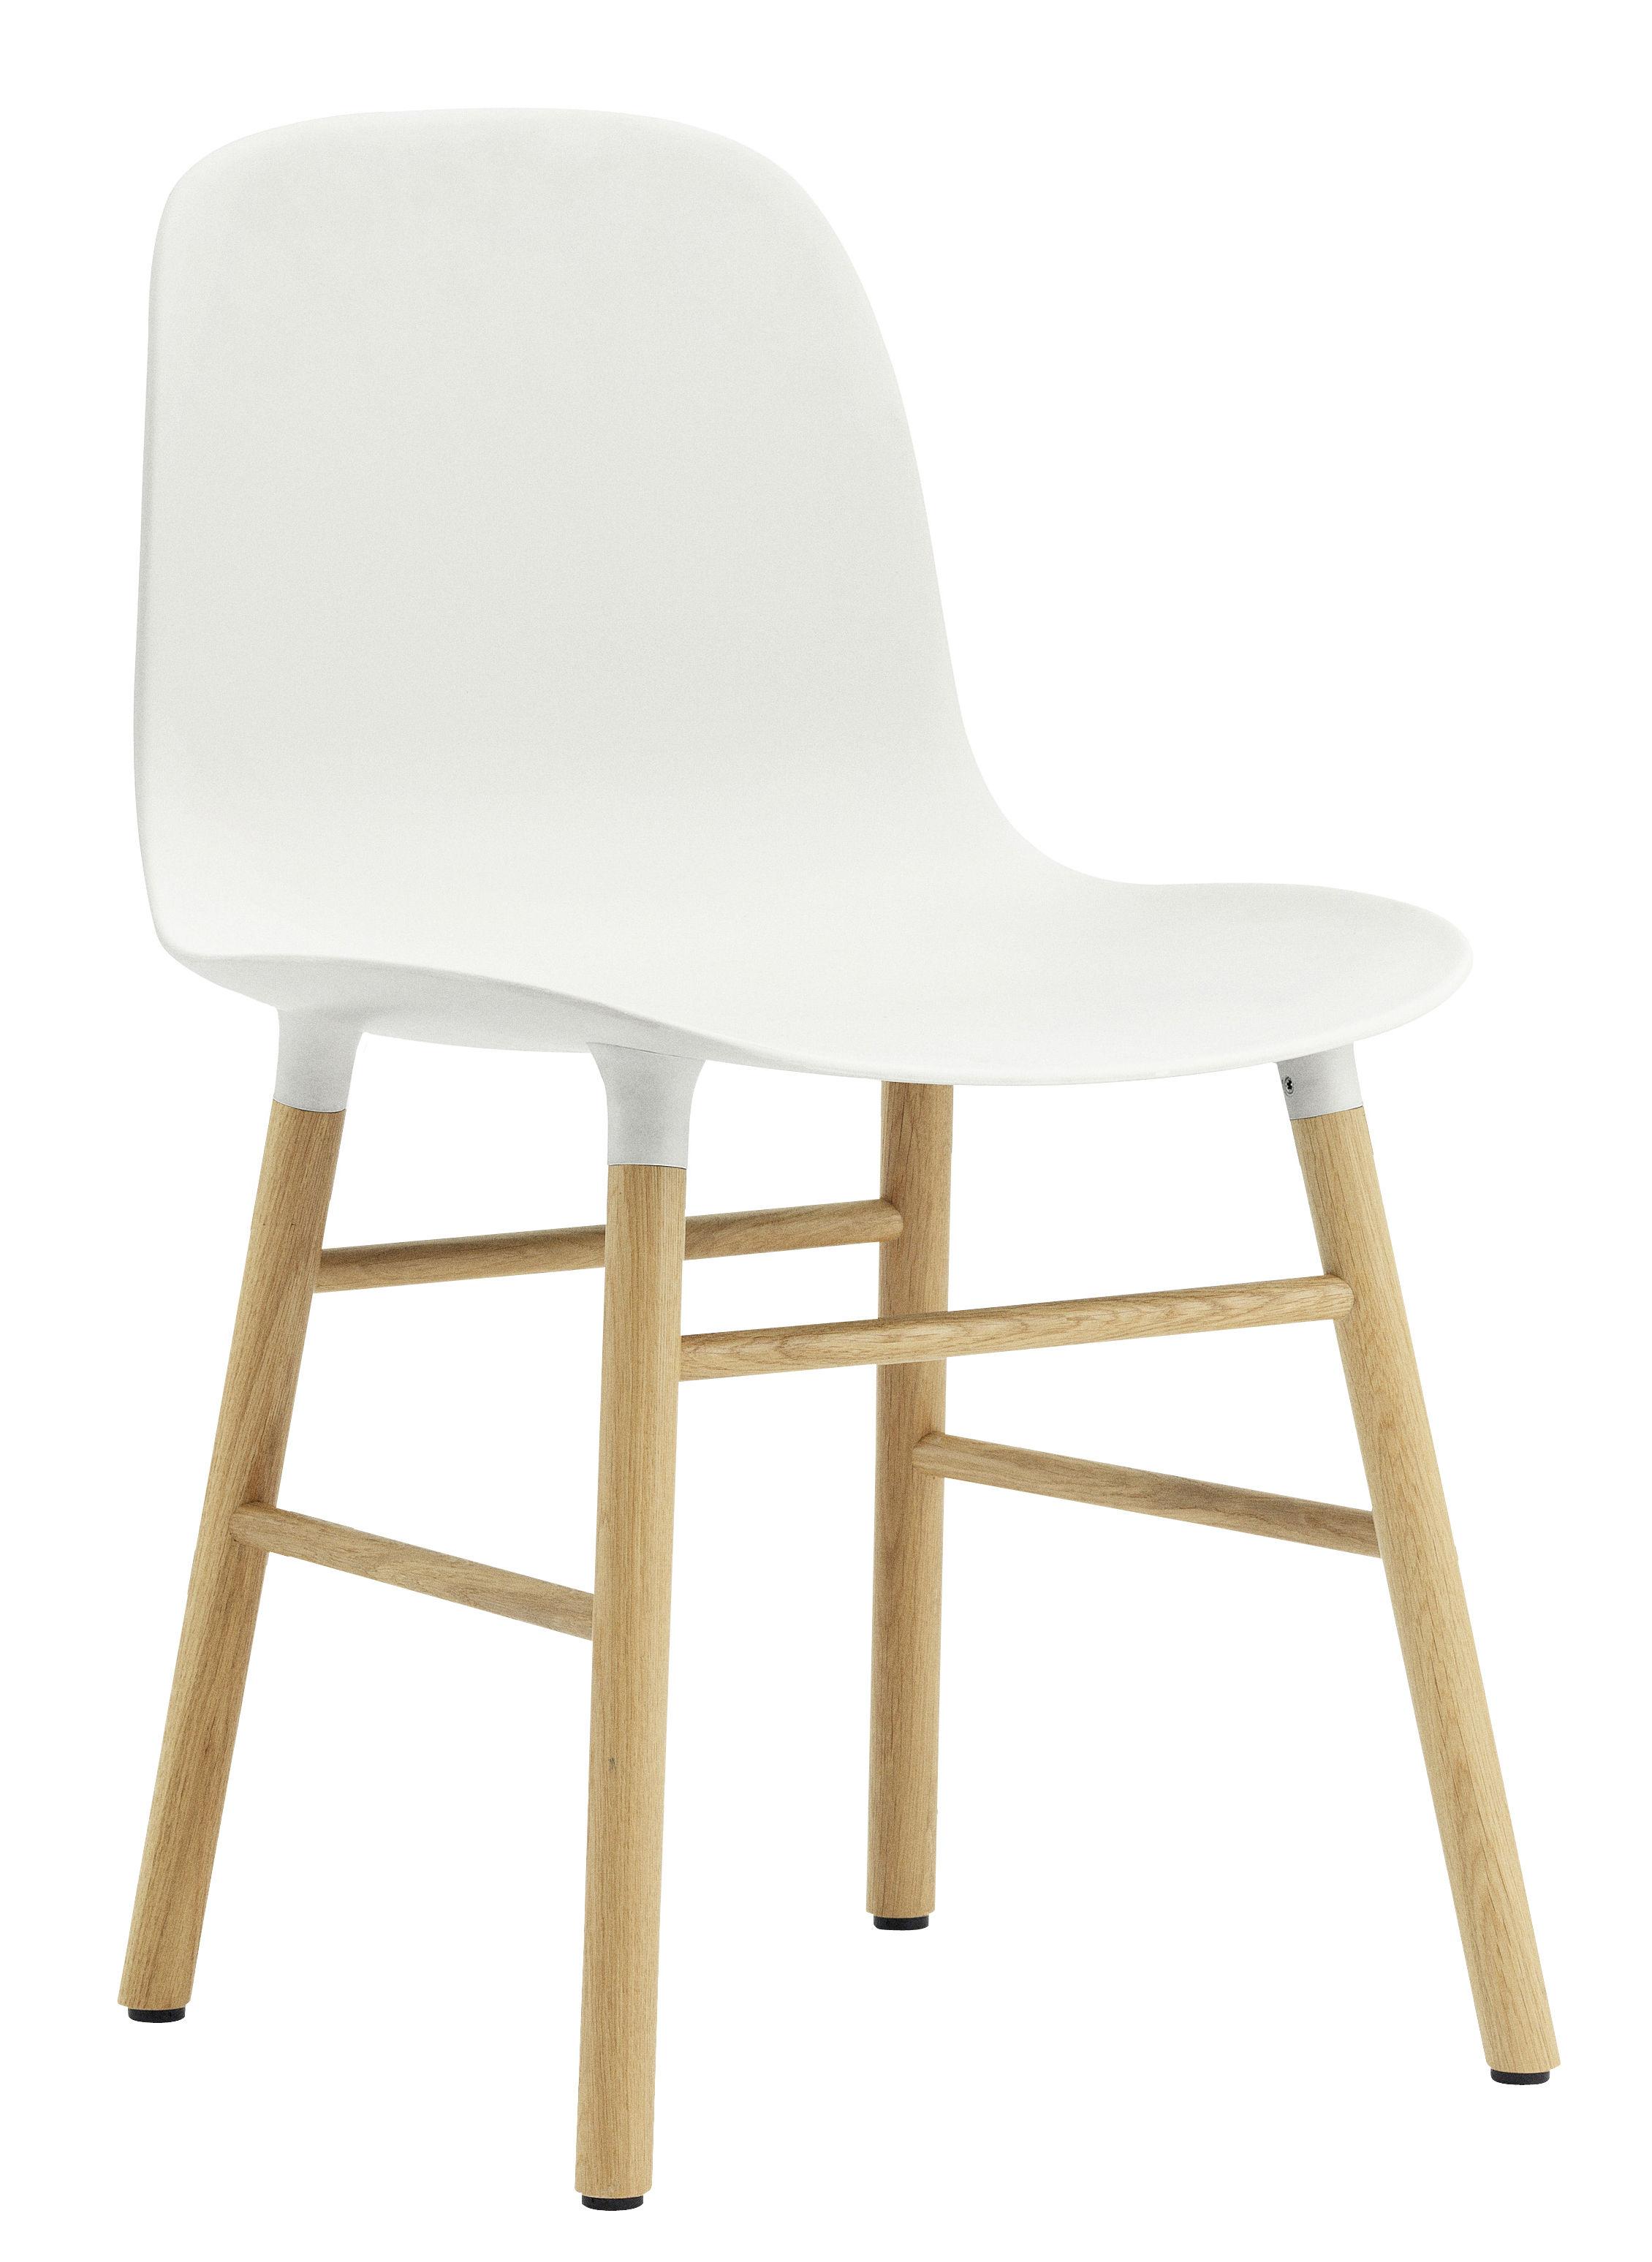 Furniture - Chairs - Form Chair - Oak leg by Normann Copenhagen - White / oak - Oak, Polypropylene